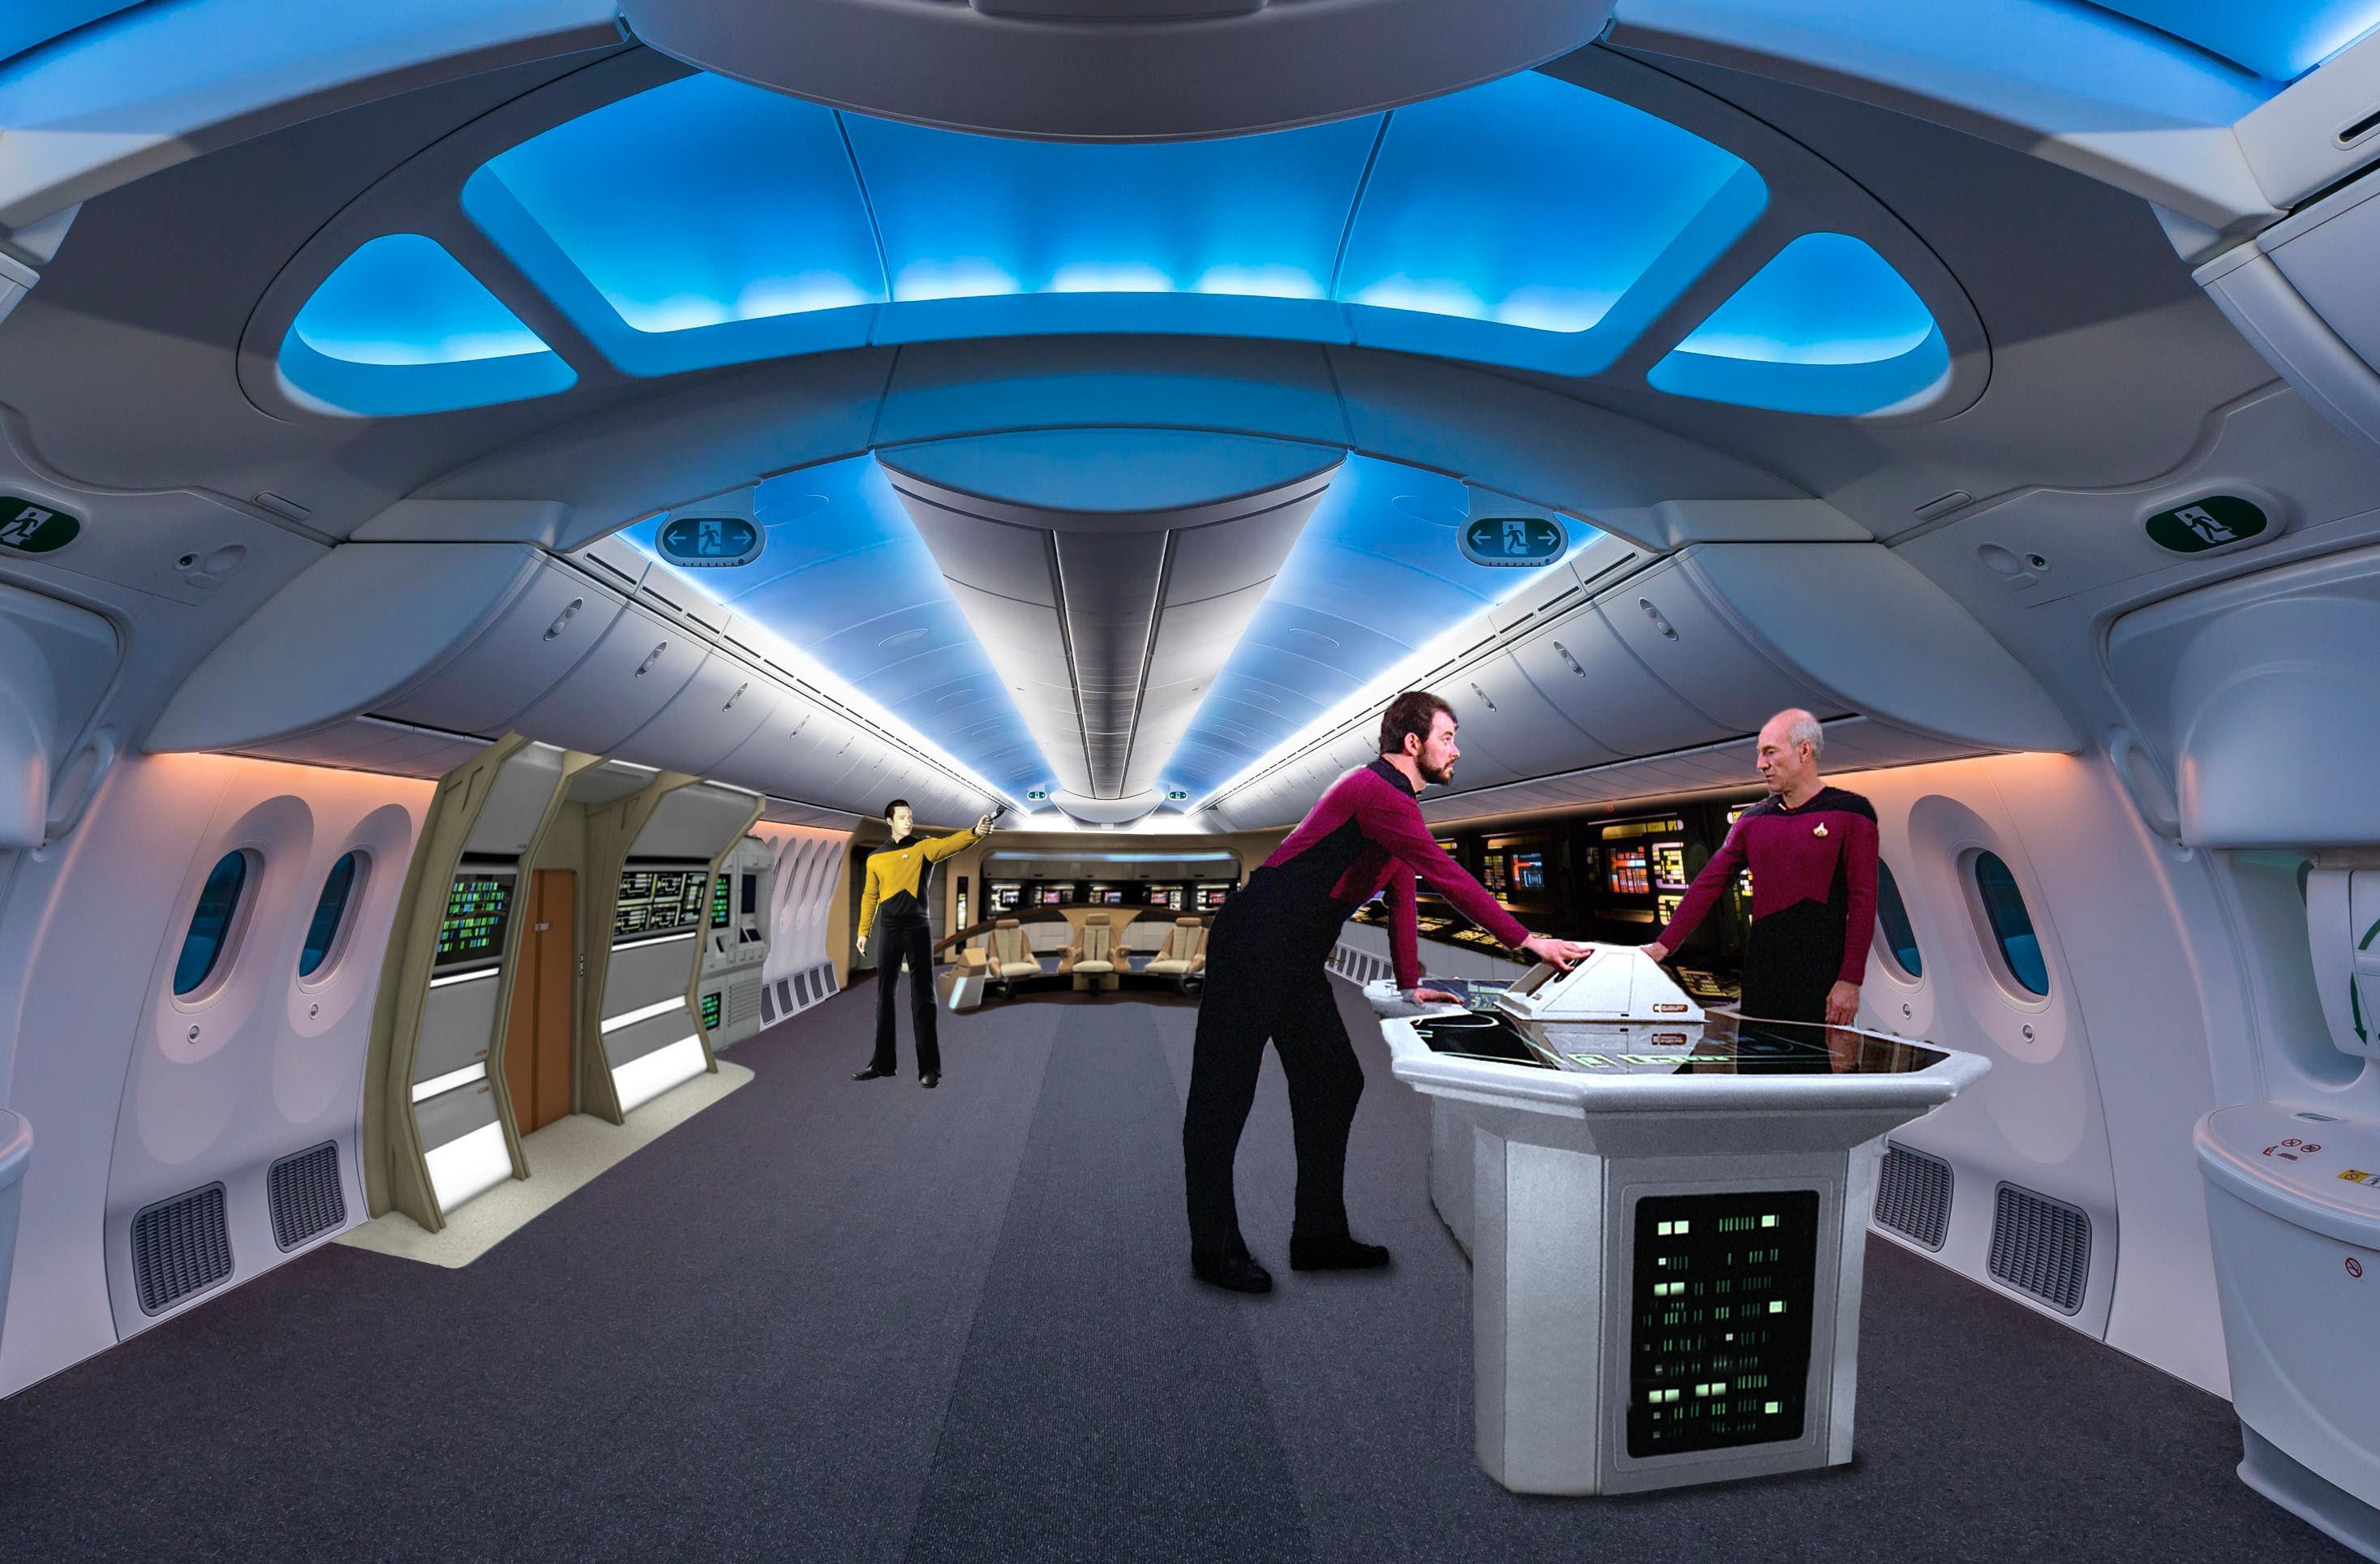 star wars in empty plane